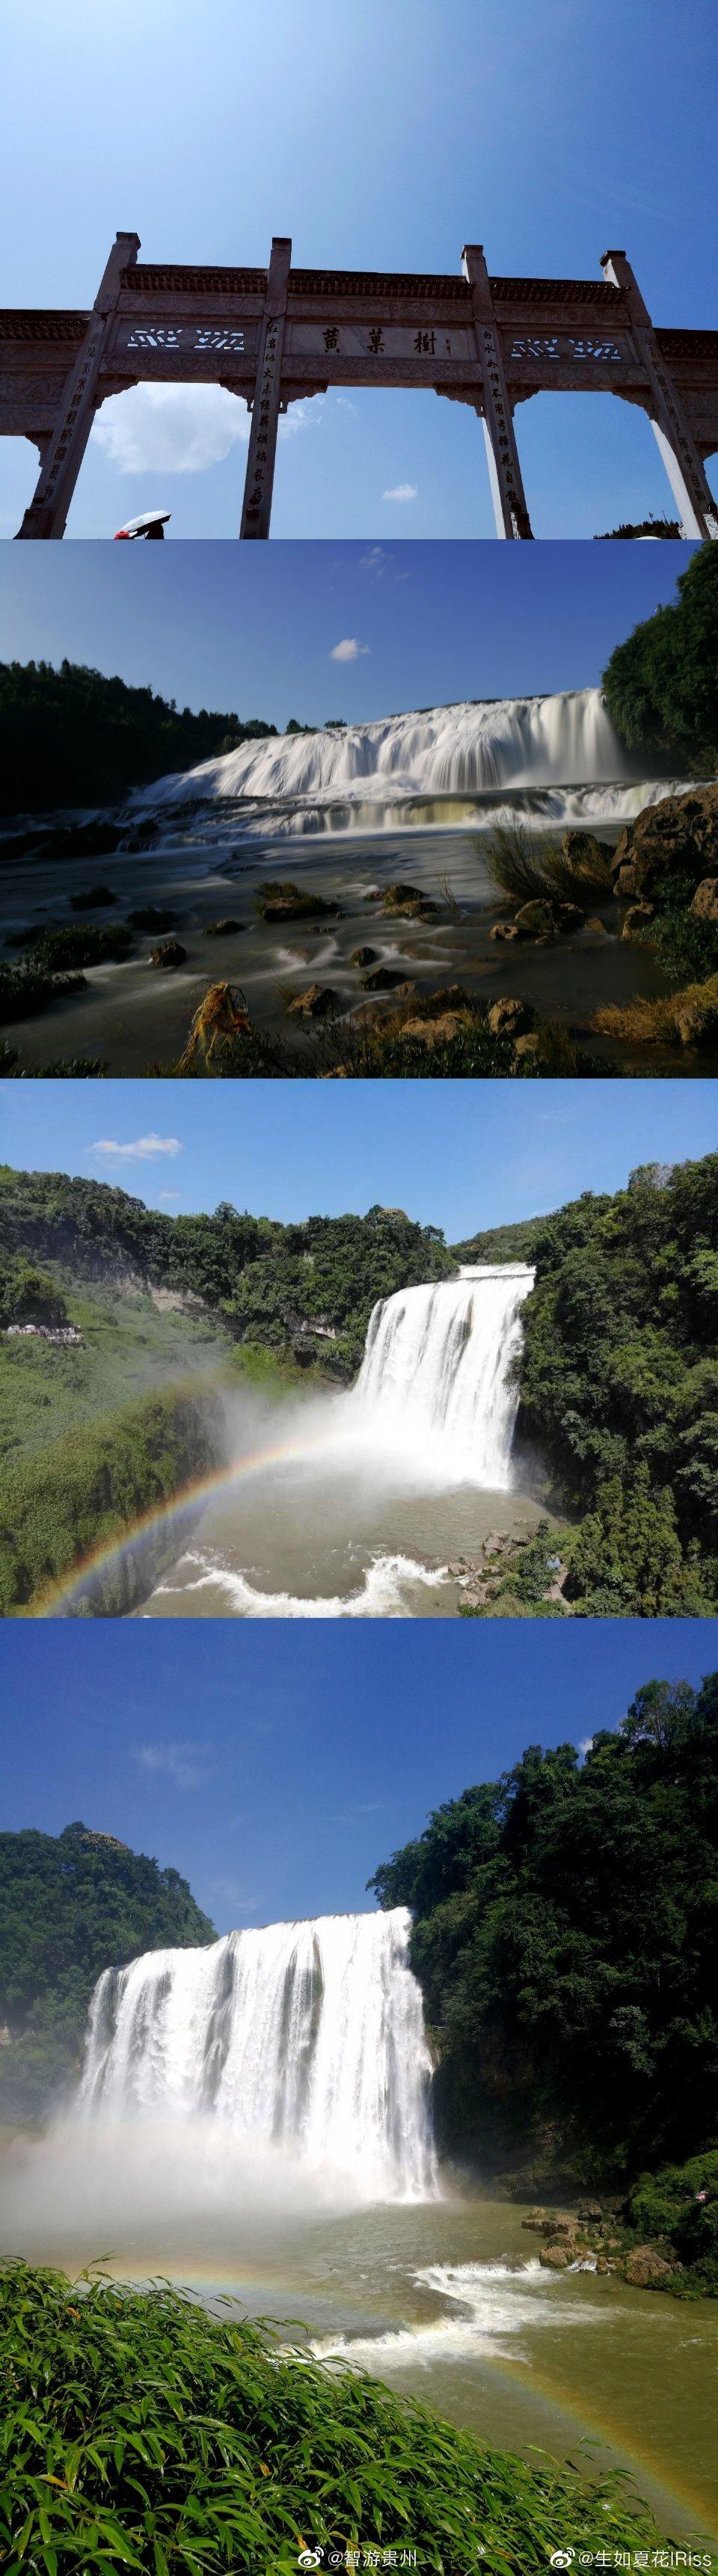 打卡:黄果树瀑布!太壮观了@生如夏花IRiss